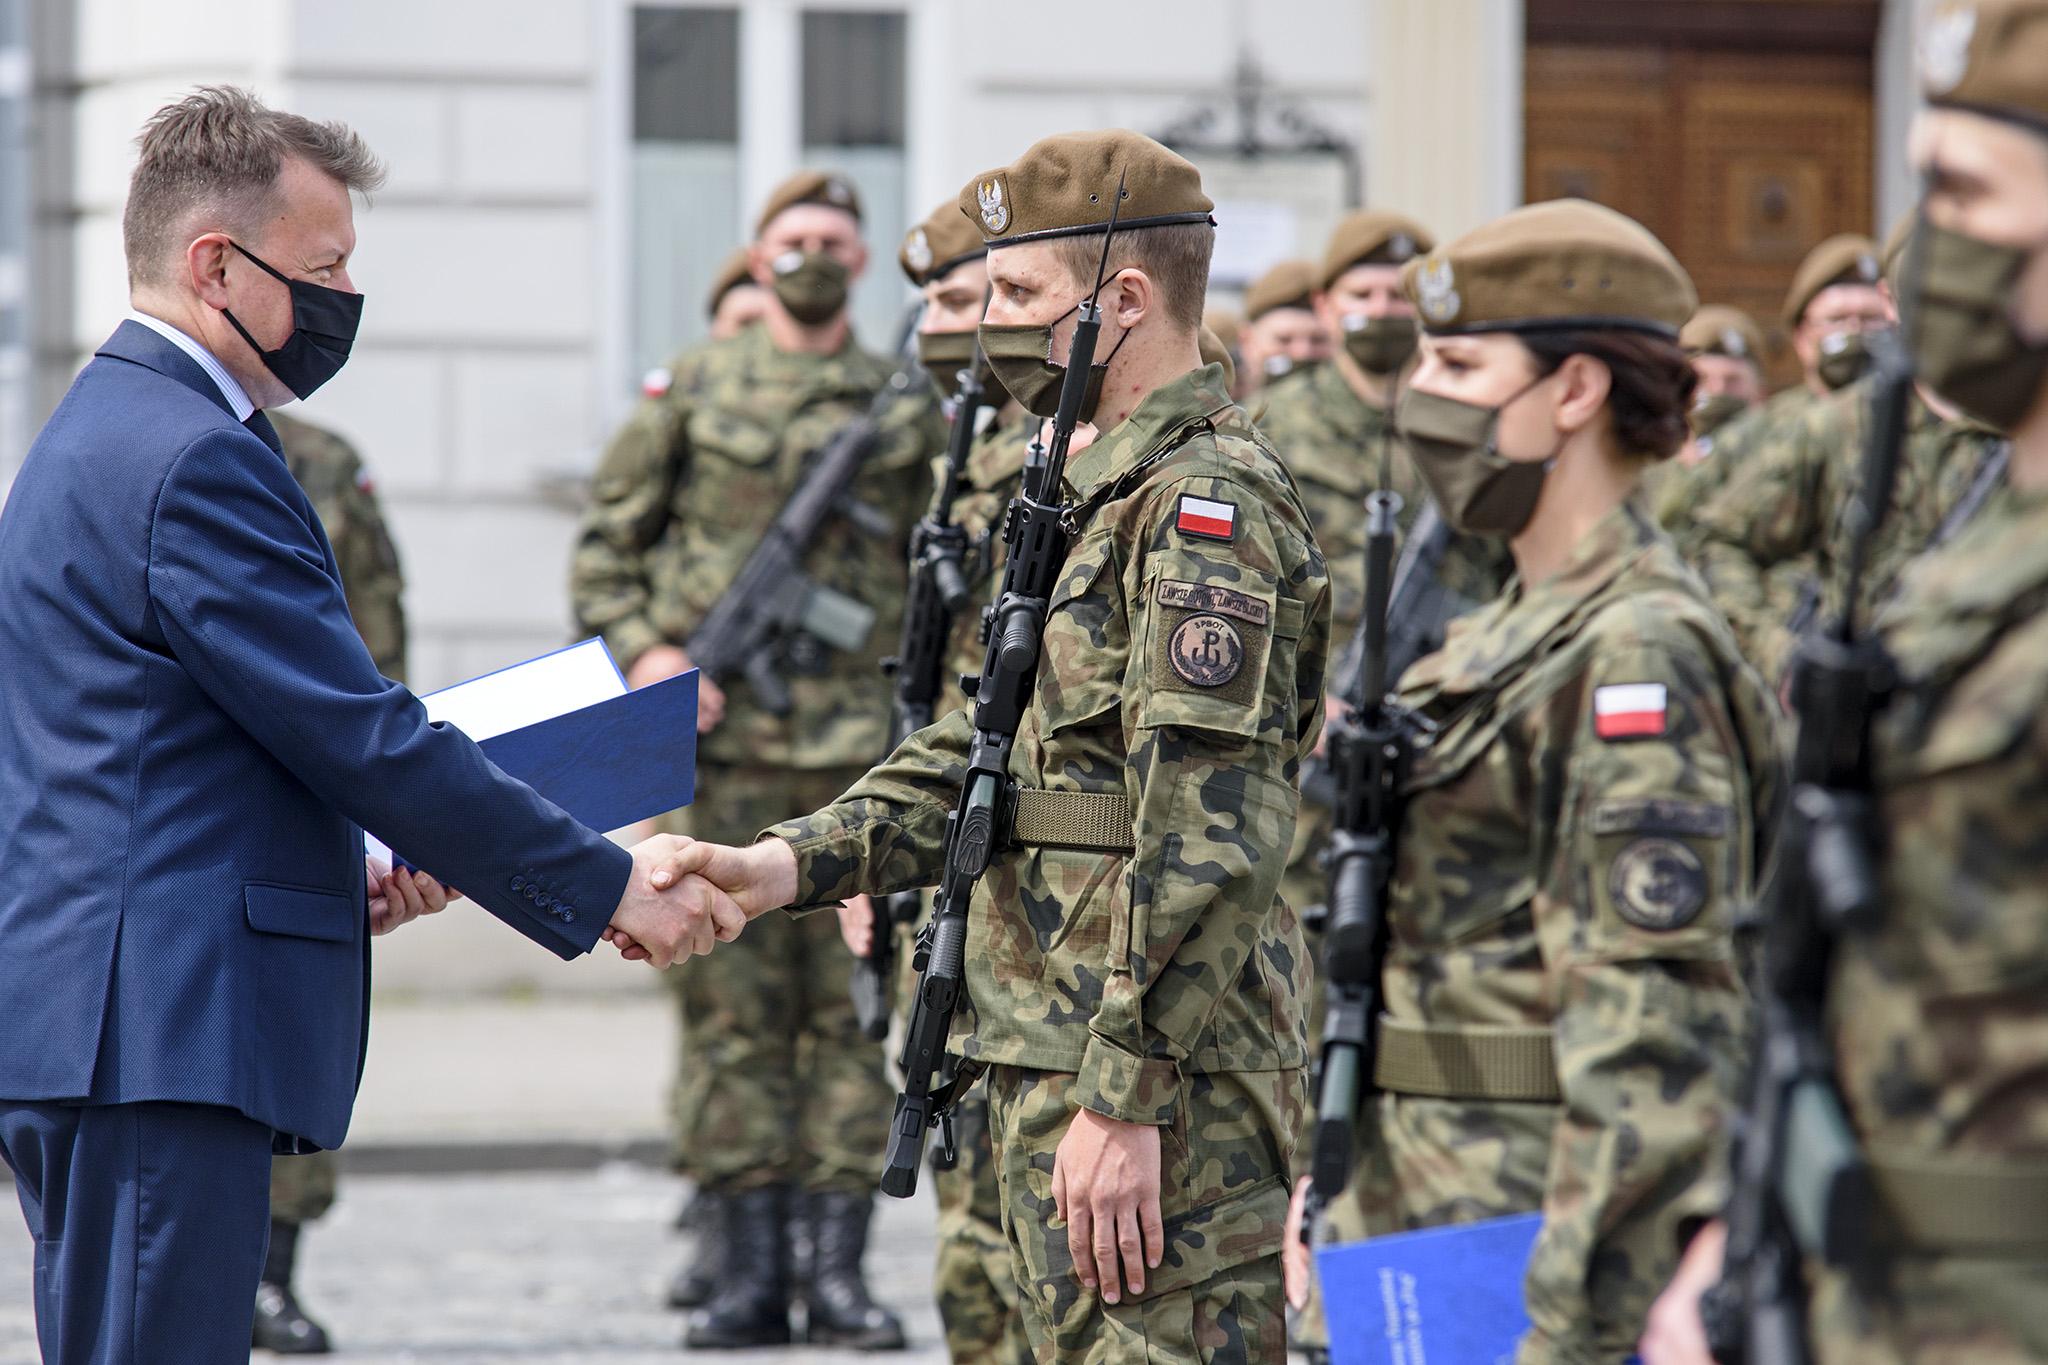 DSC_3706_RZESZOW_NEWS_SEBASTIAN_STANKIEWICZ